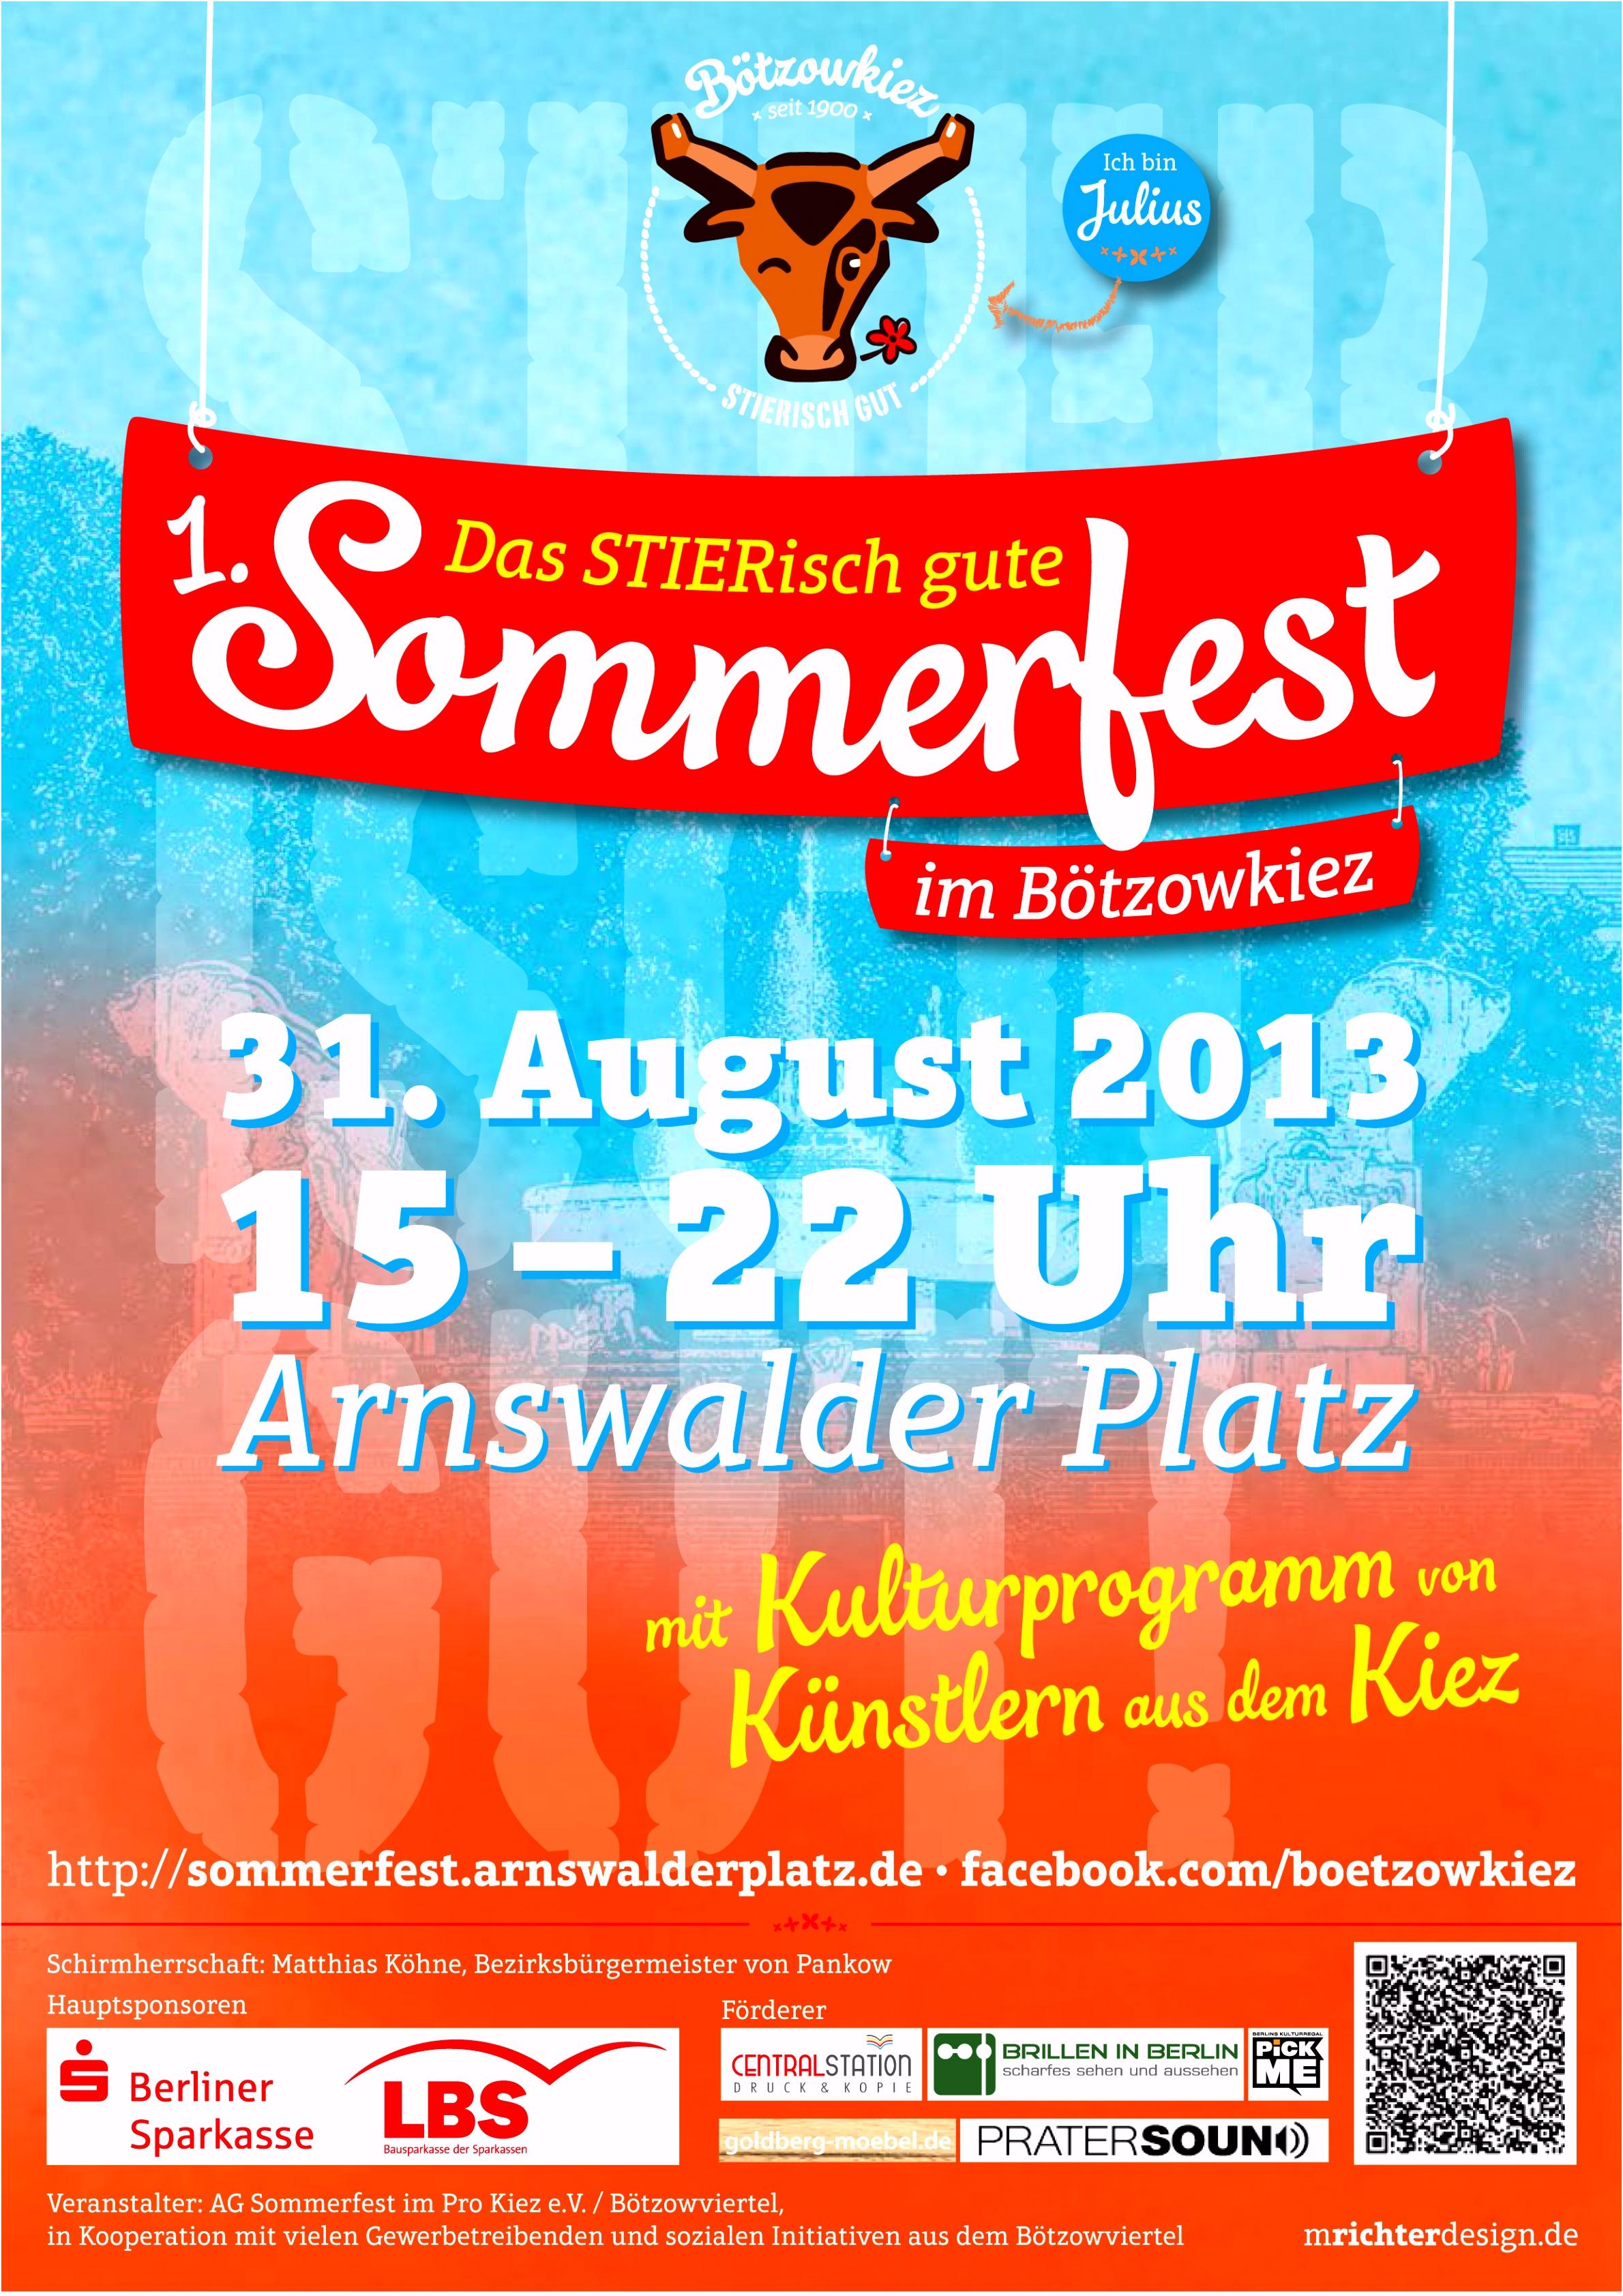 Plakat sommerfest Vorlage Gemunkel B7db54ing4 A2xwm2ikv6